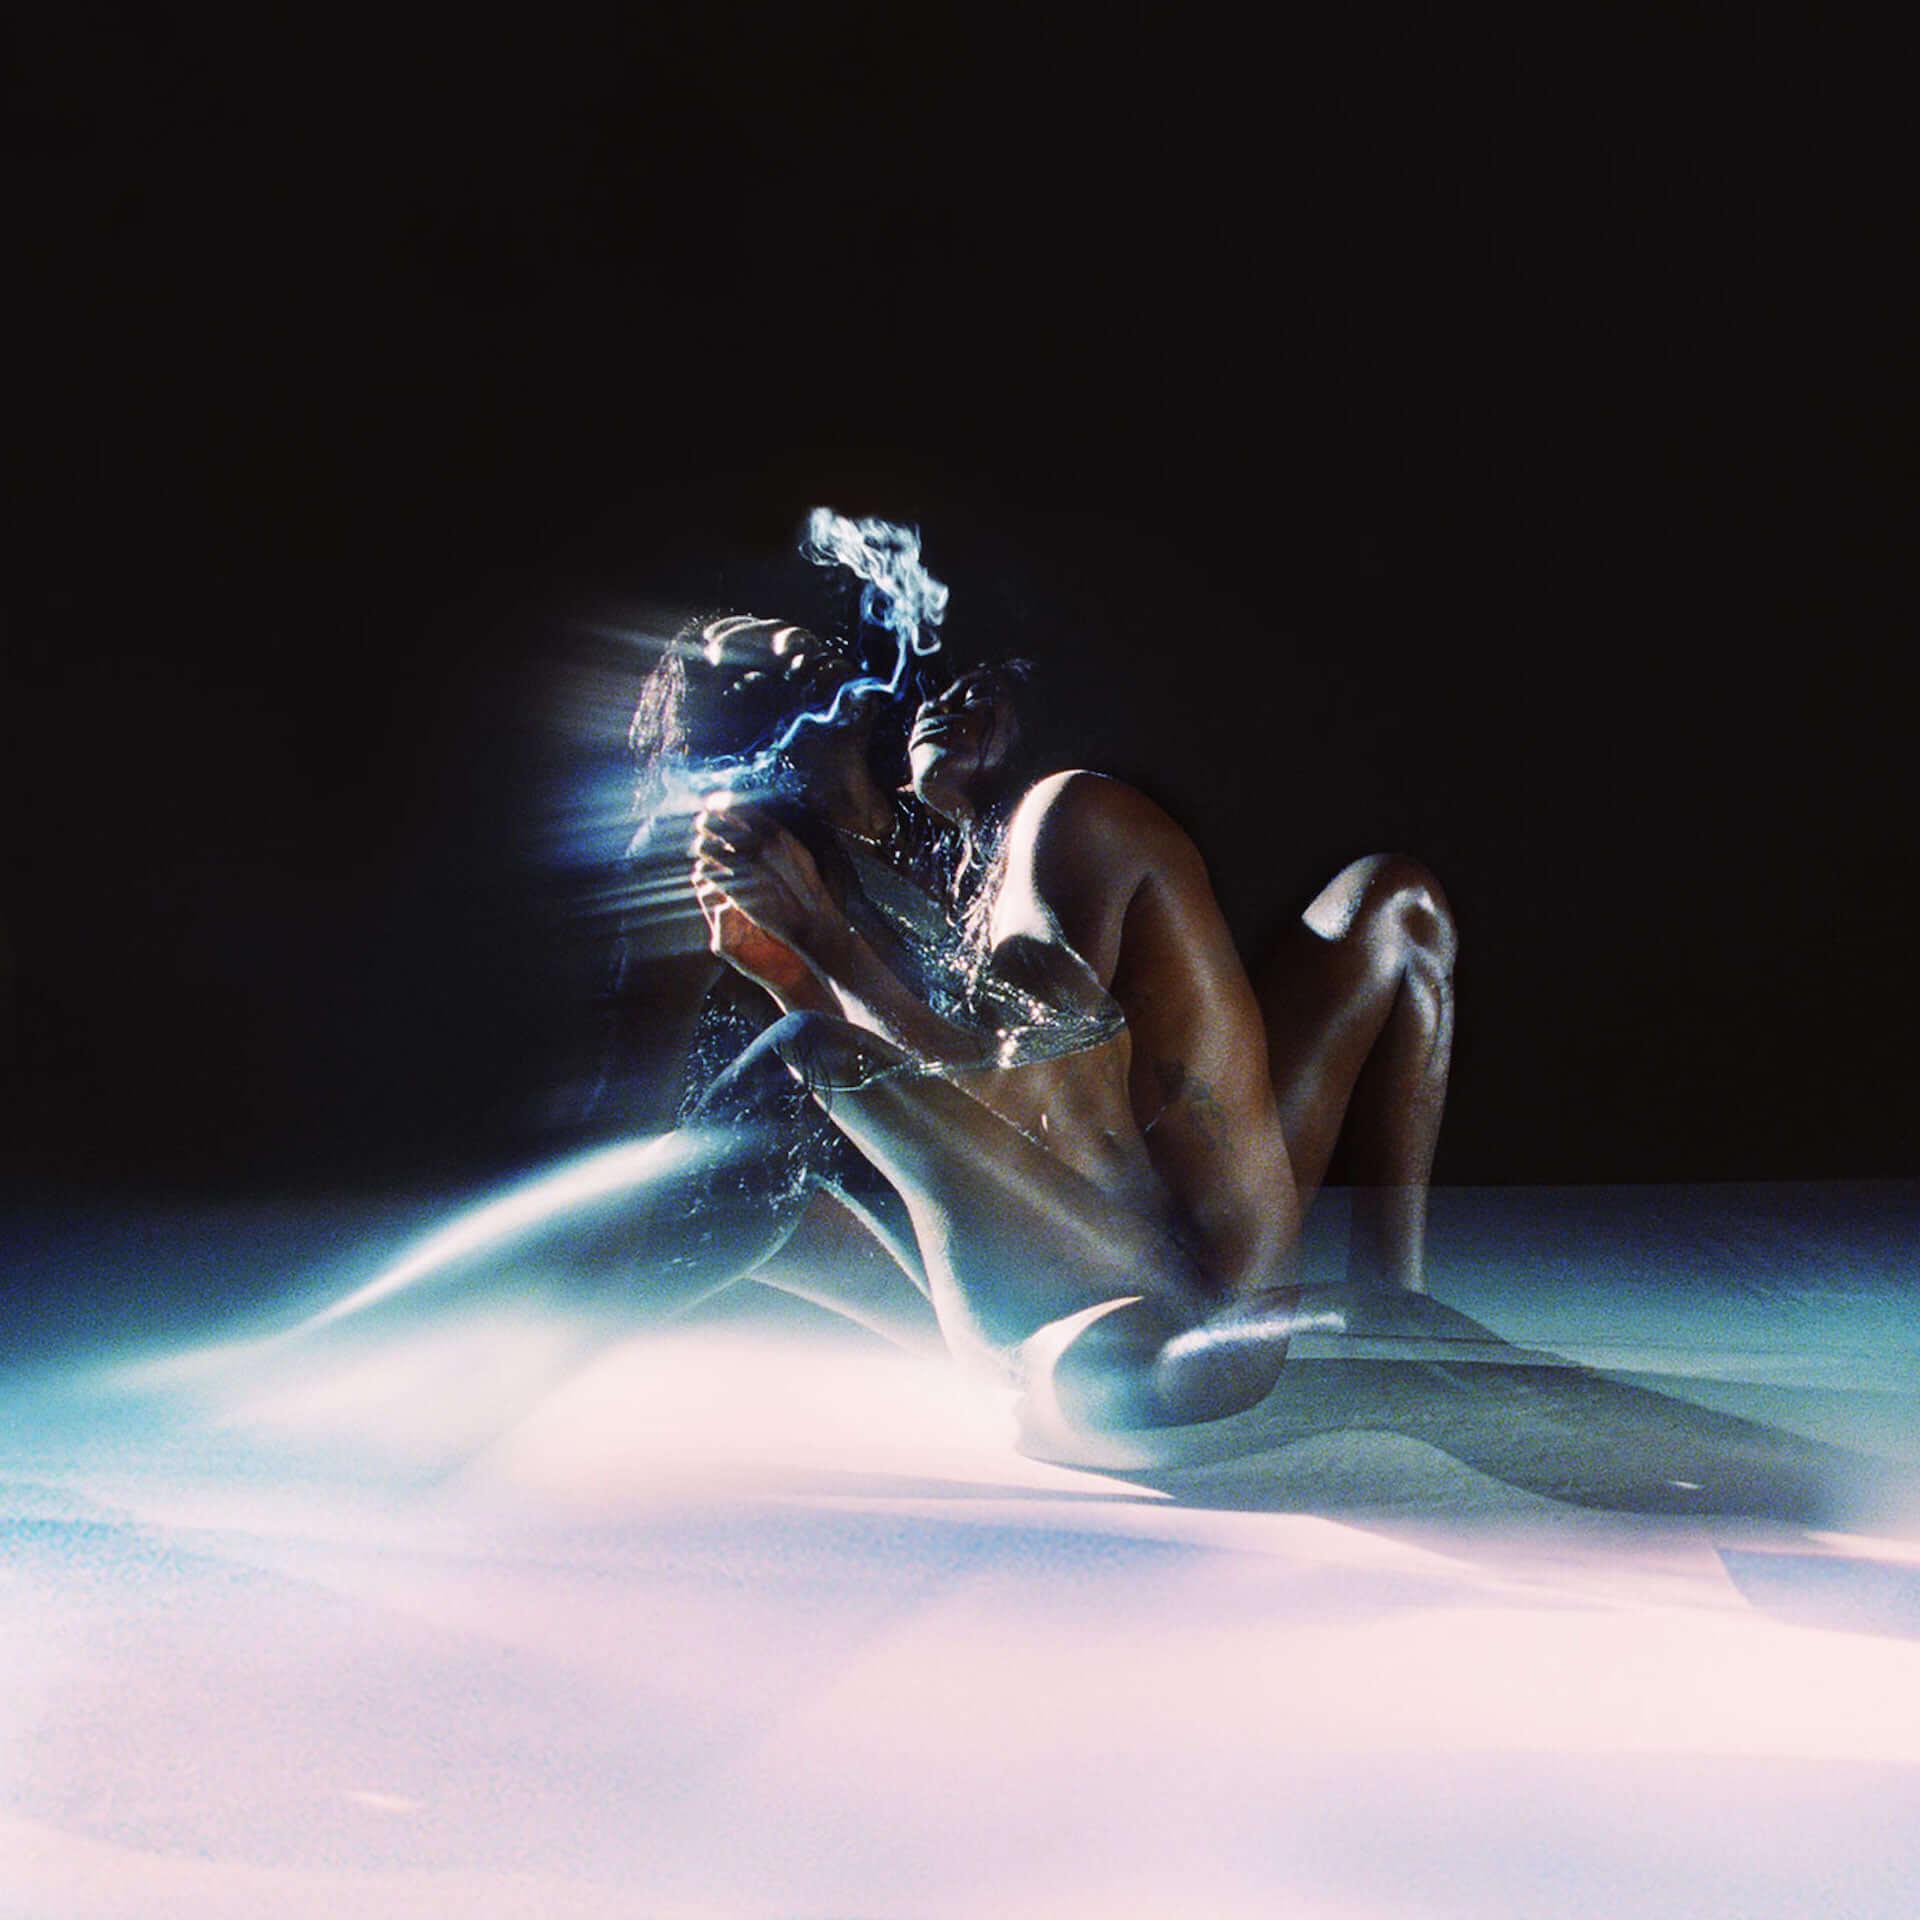 """Yves Tumor最新作『Heaven To A Tortured Mind』より""""Kerosene!""""のMVが解禁!修正版&過激なオリジナル版が同時公開 music201120_yvestumor_3-1920x1920"""